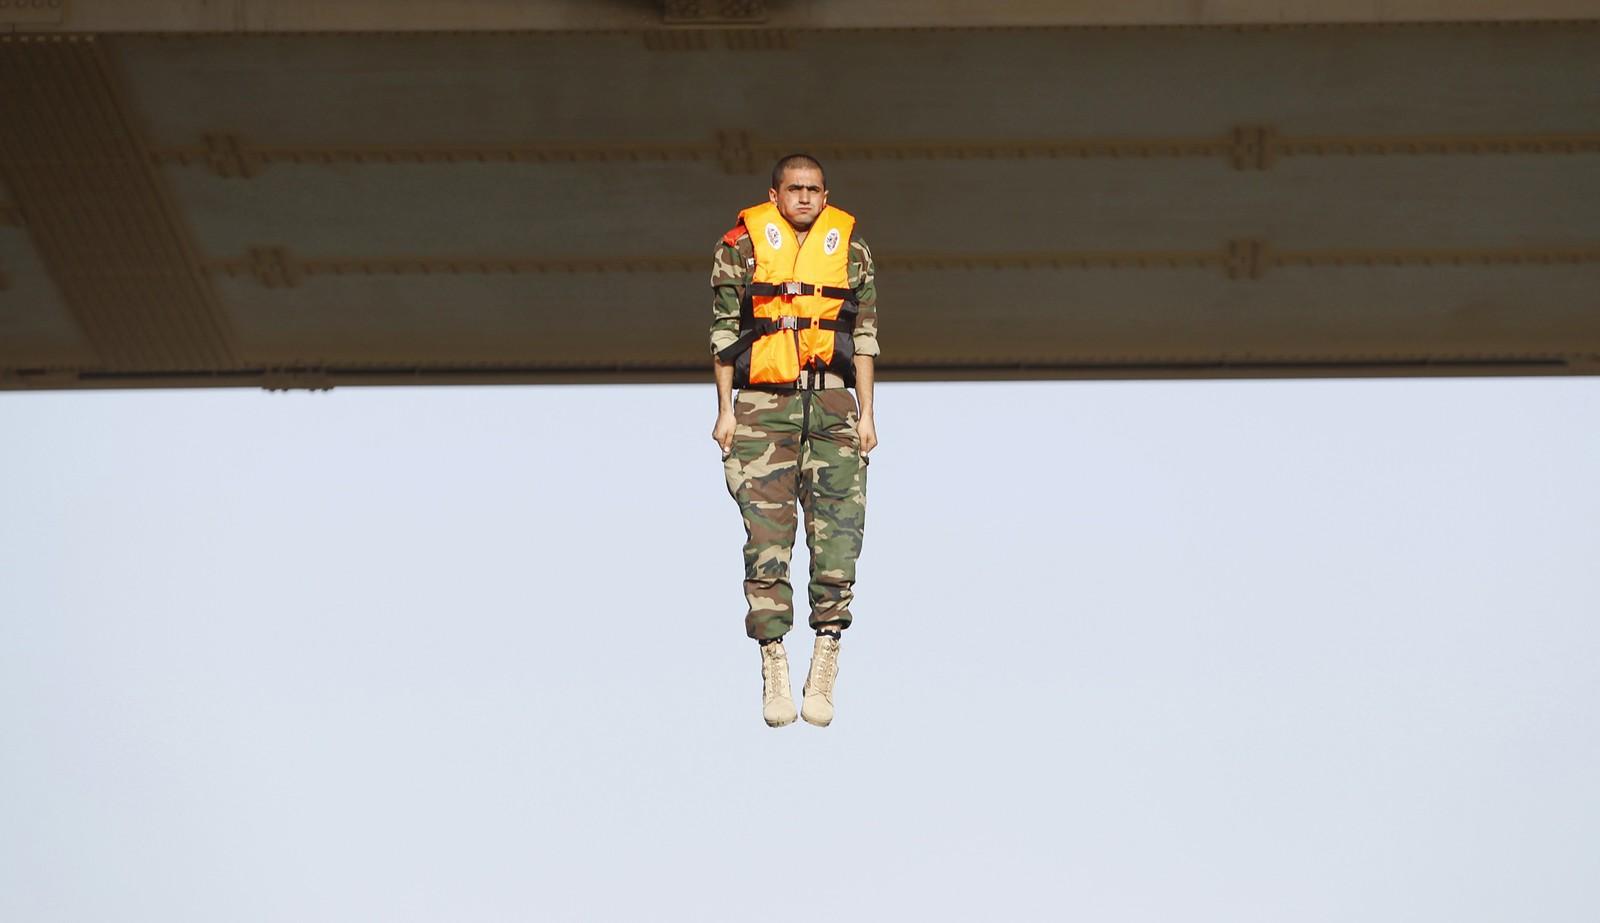 En irakisk soldat utfører det såkalte «the leap of faith» fra en bru i Baghdad.